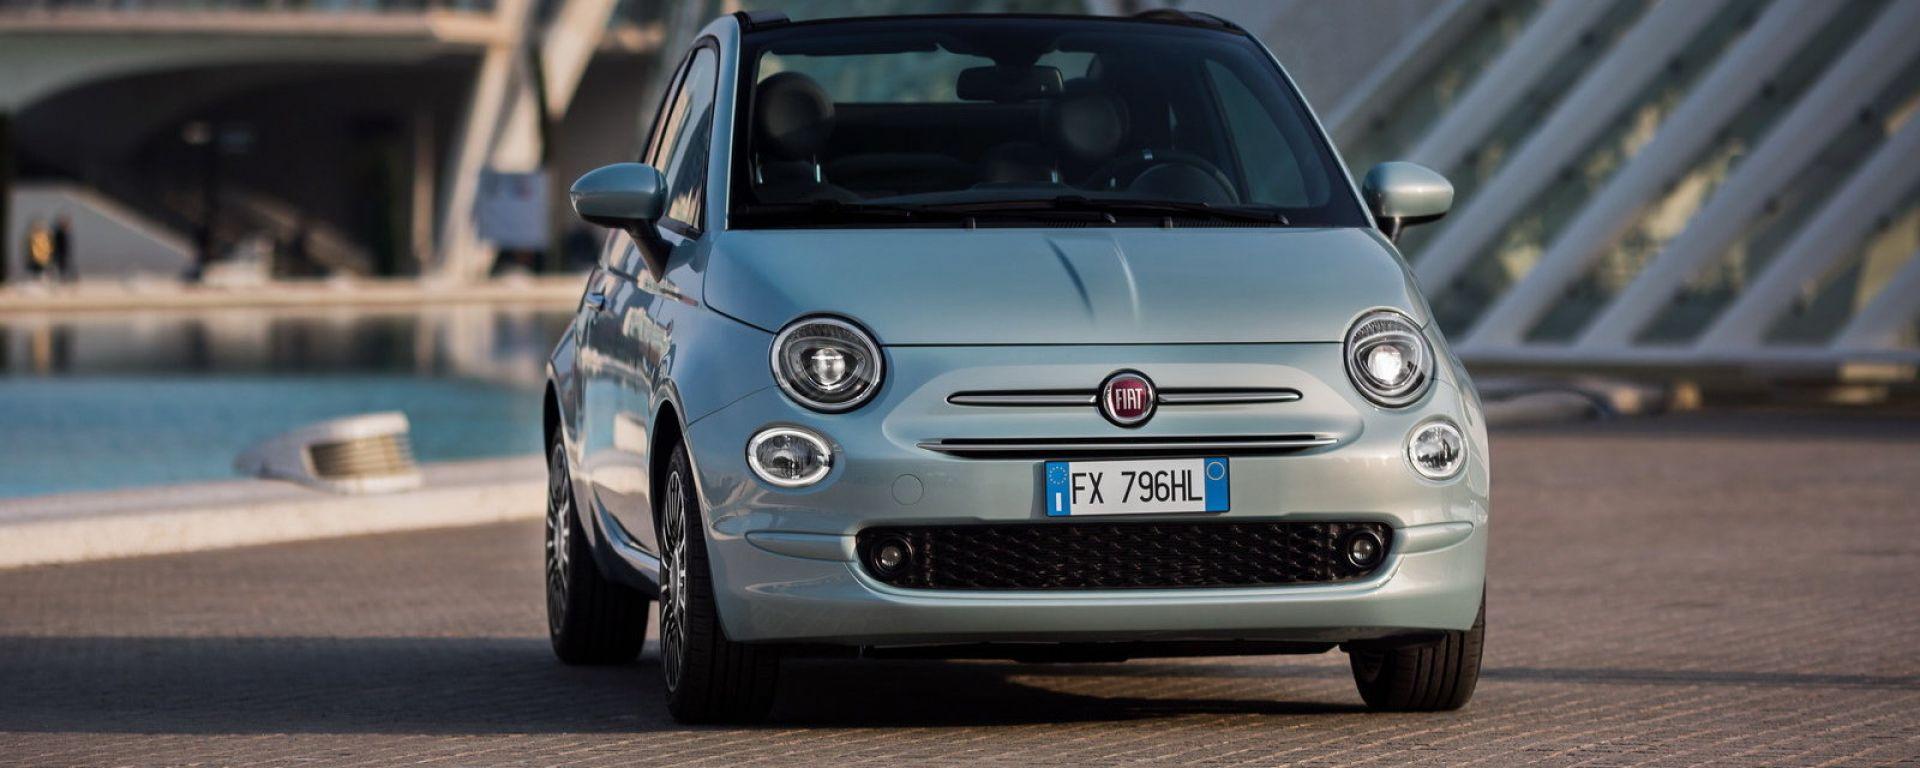 Nuova Fiat 500 Hybrid: inizia l'era dell'elettrificazione di FCA